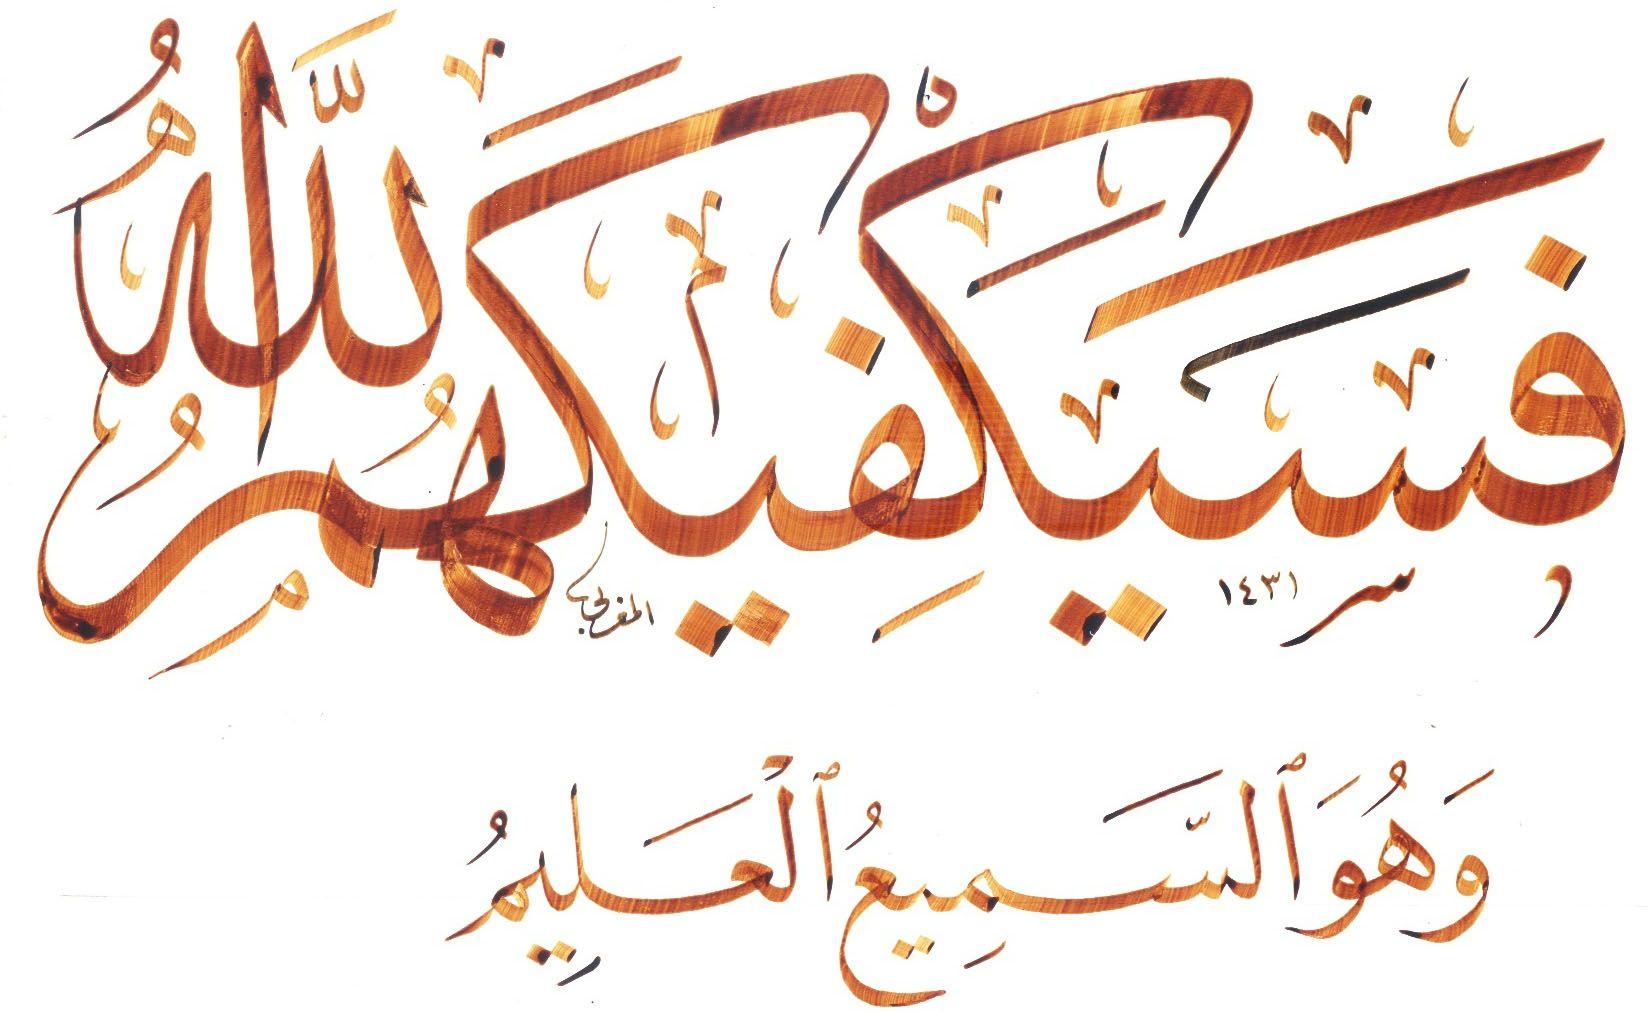 التعاون الإسلامي تدين الإعلان مسابقة be3d1c8812c06568338a68e4b6faca3c.jpg